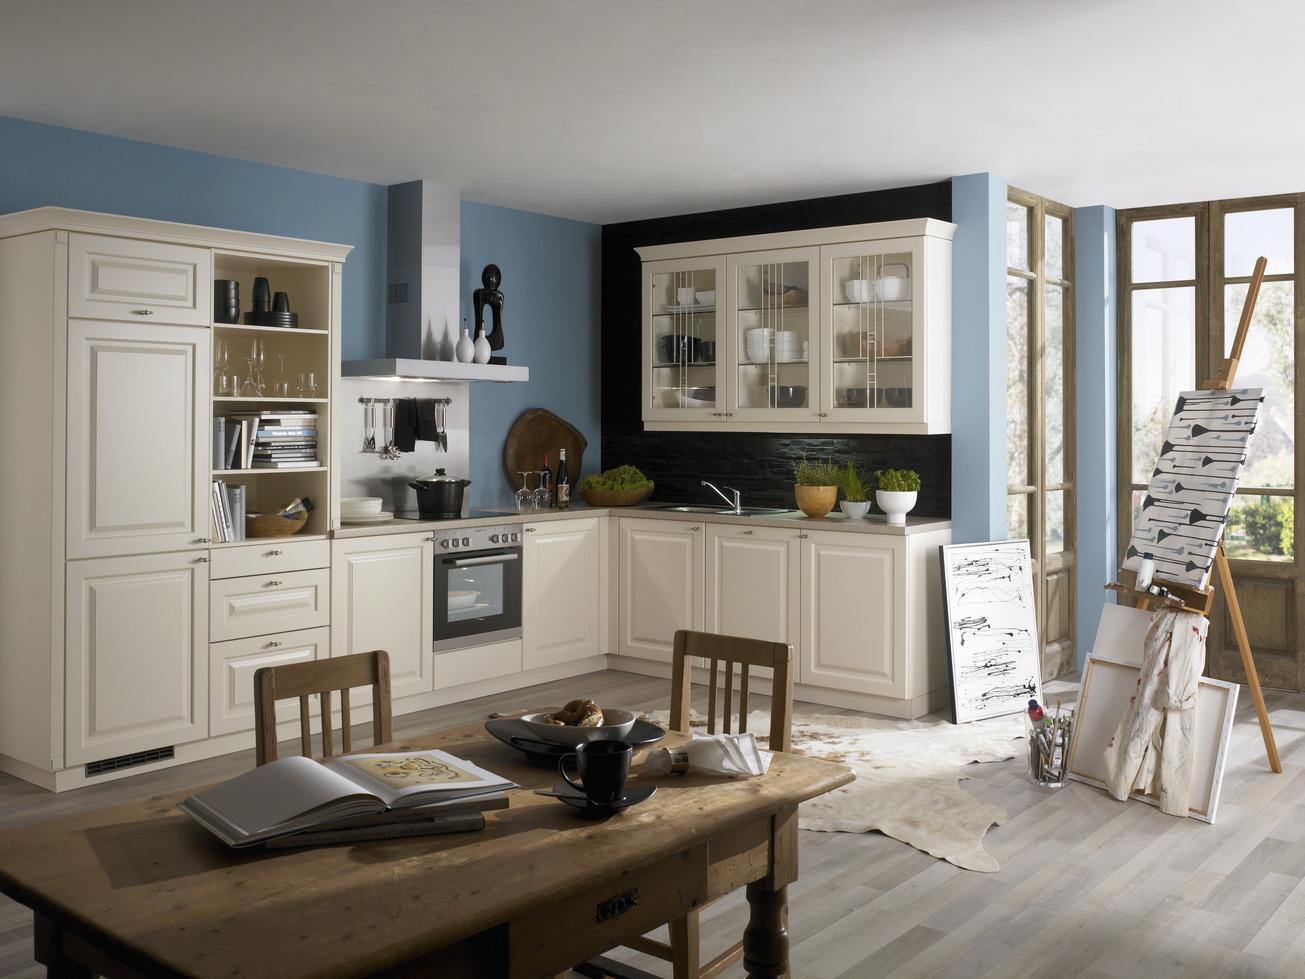 bauformat k chen bilder ikea k che anleitung poster arbeitsplatte alternative zu granit. Black Bedroom Furniture Sets. Home Design Ideas